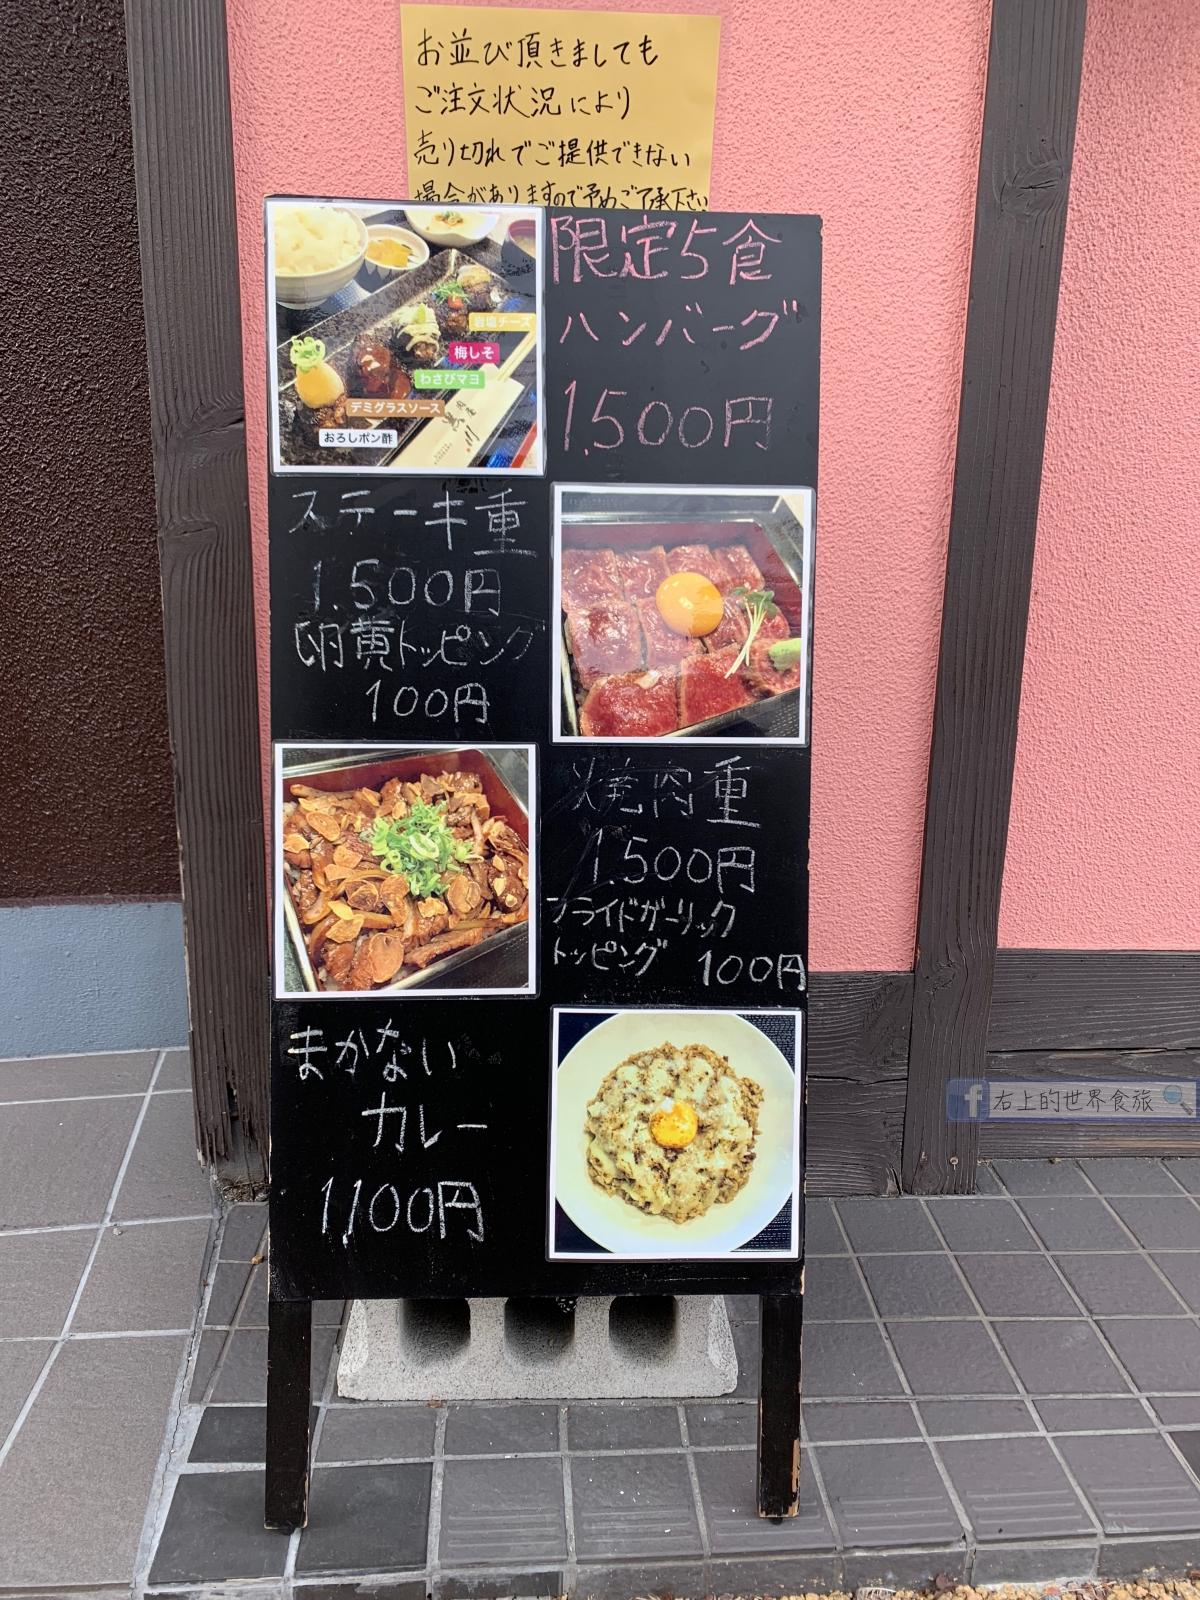 京都宇治美食-不排隊吃不到的黑毛和牛:肉屋黑川 @右上的世界食旅